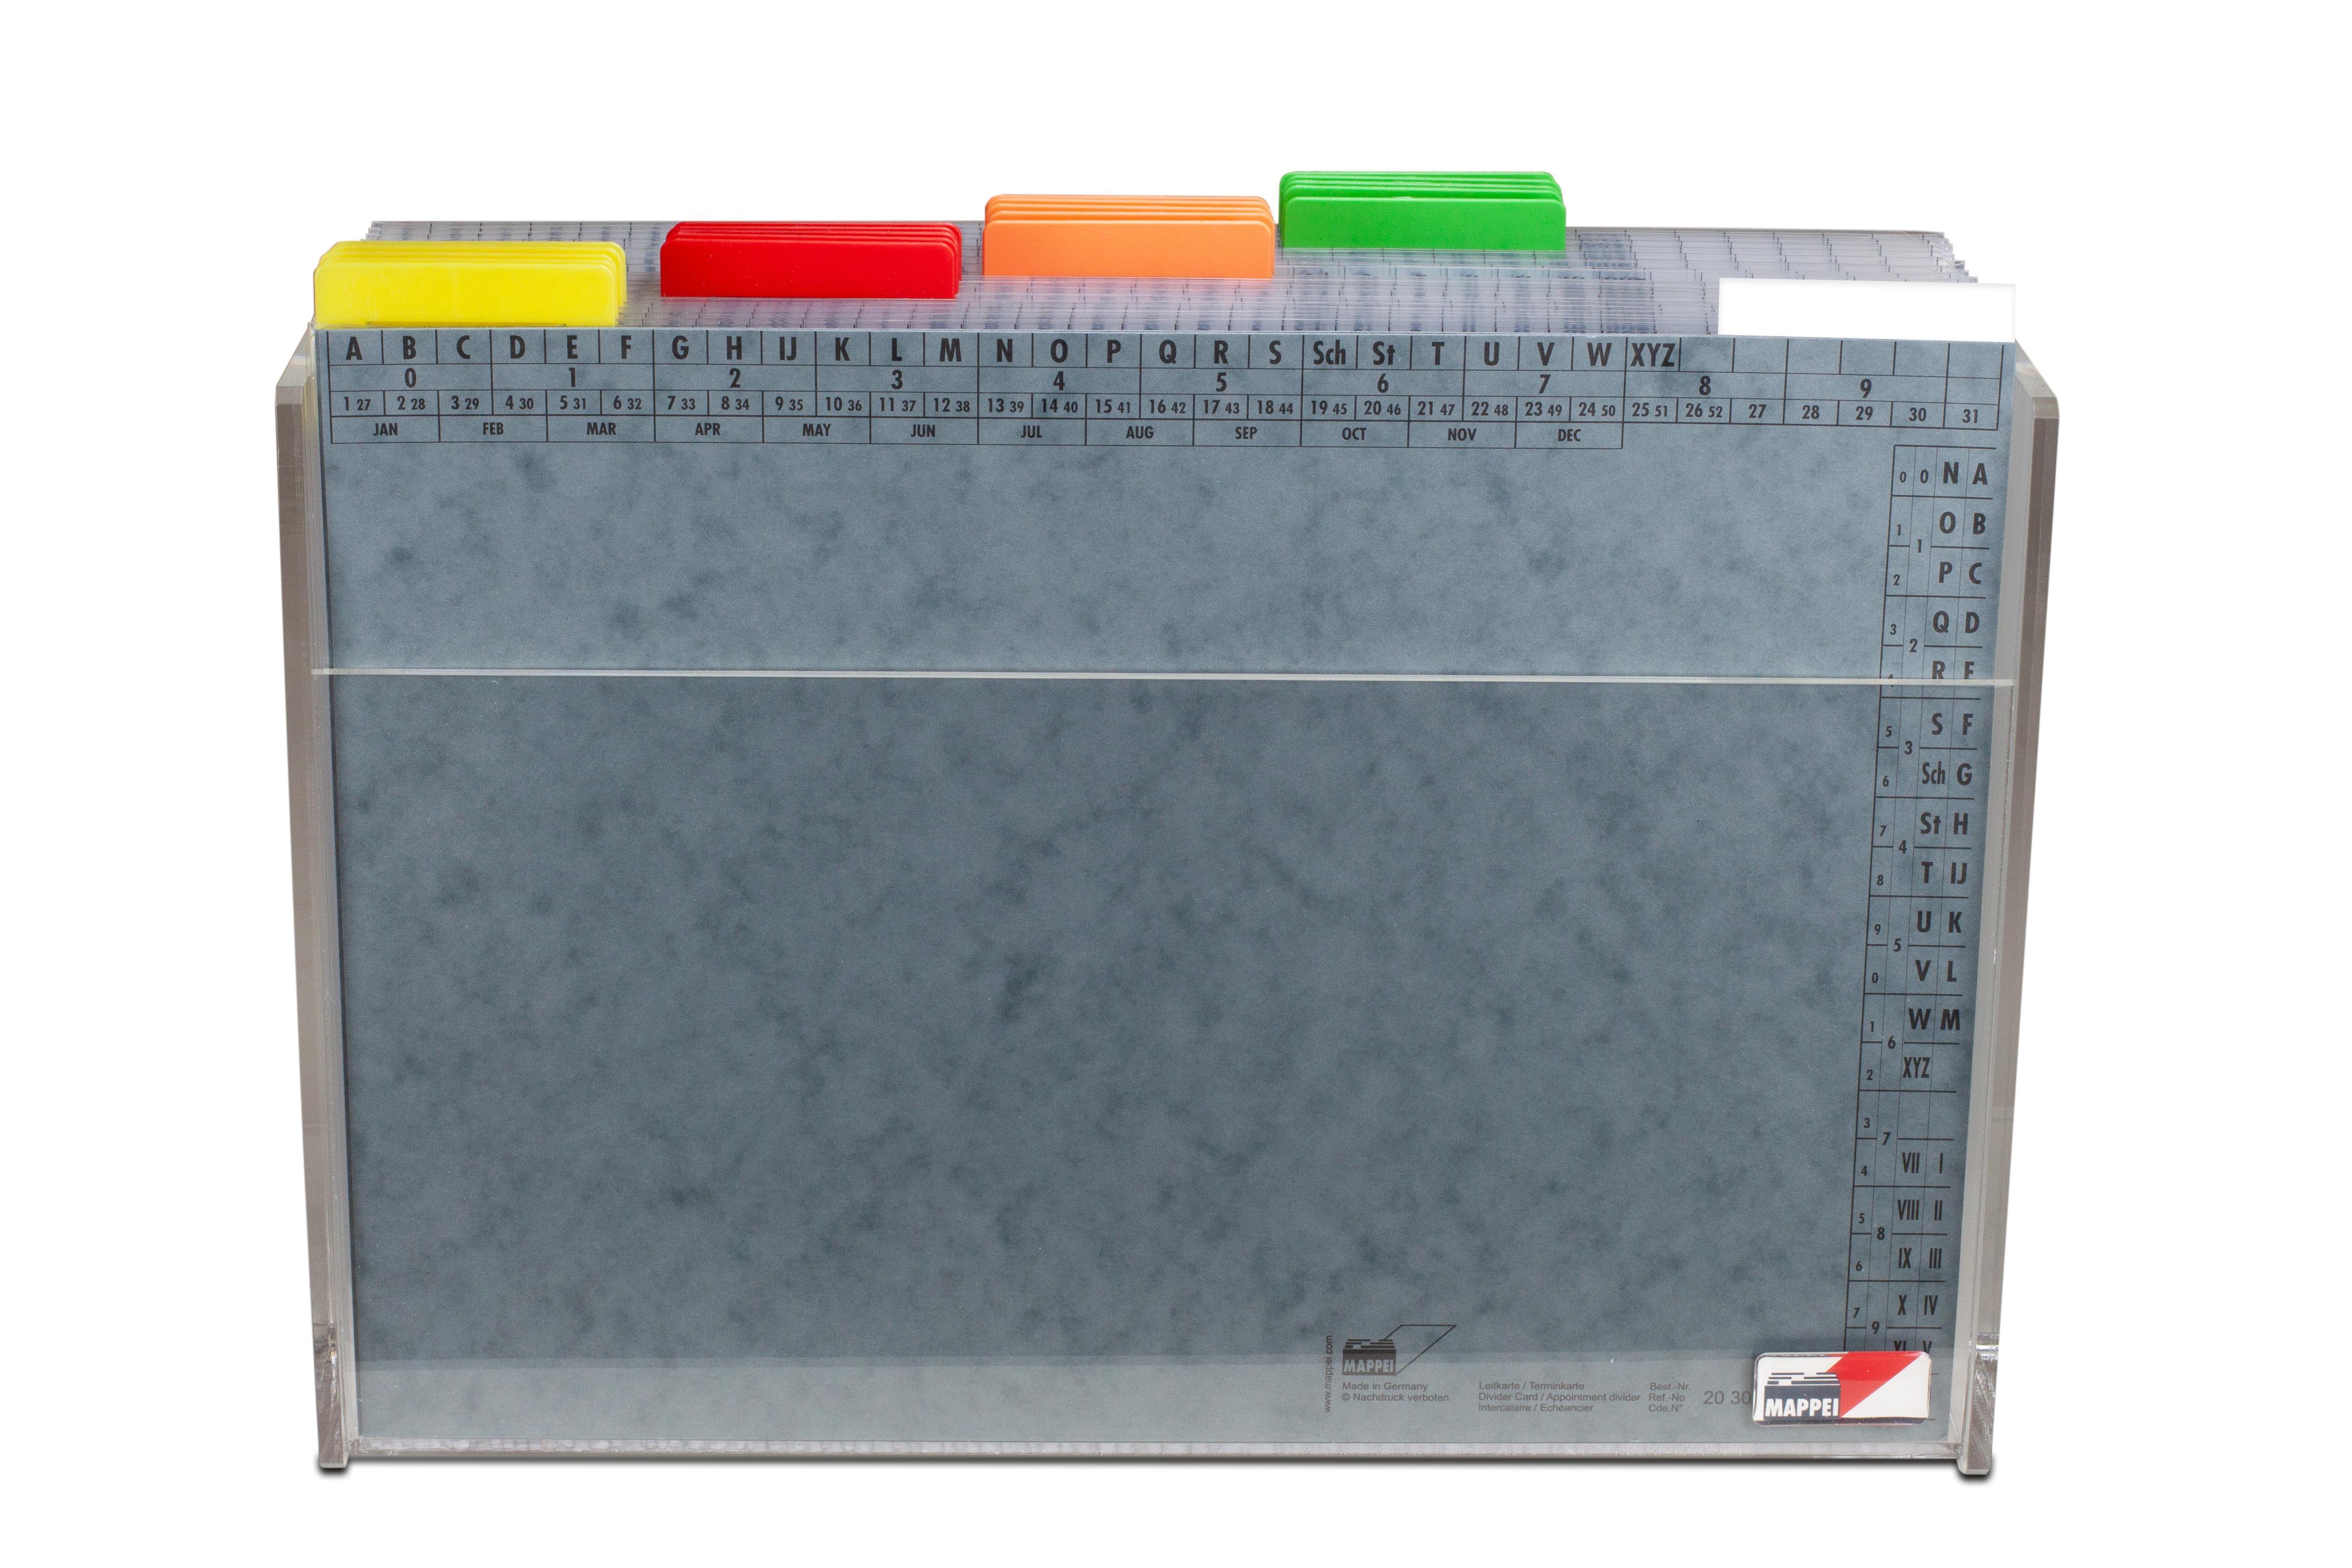 Assekuranz-Set, Aufgabgen im Überblick (Box aus Acryl)